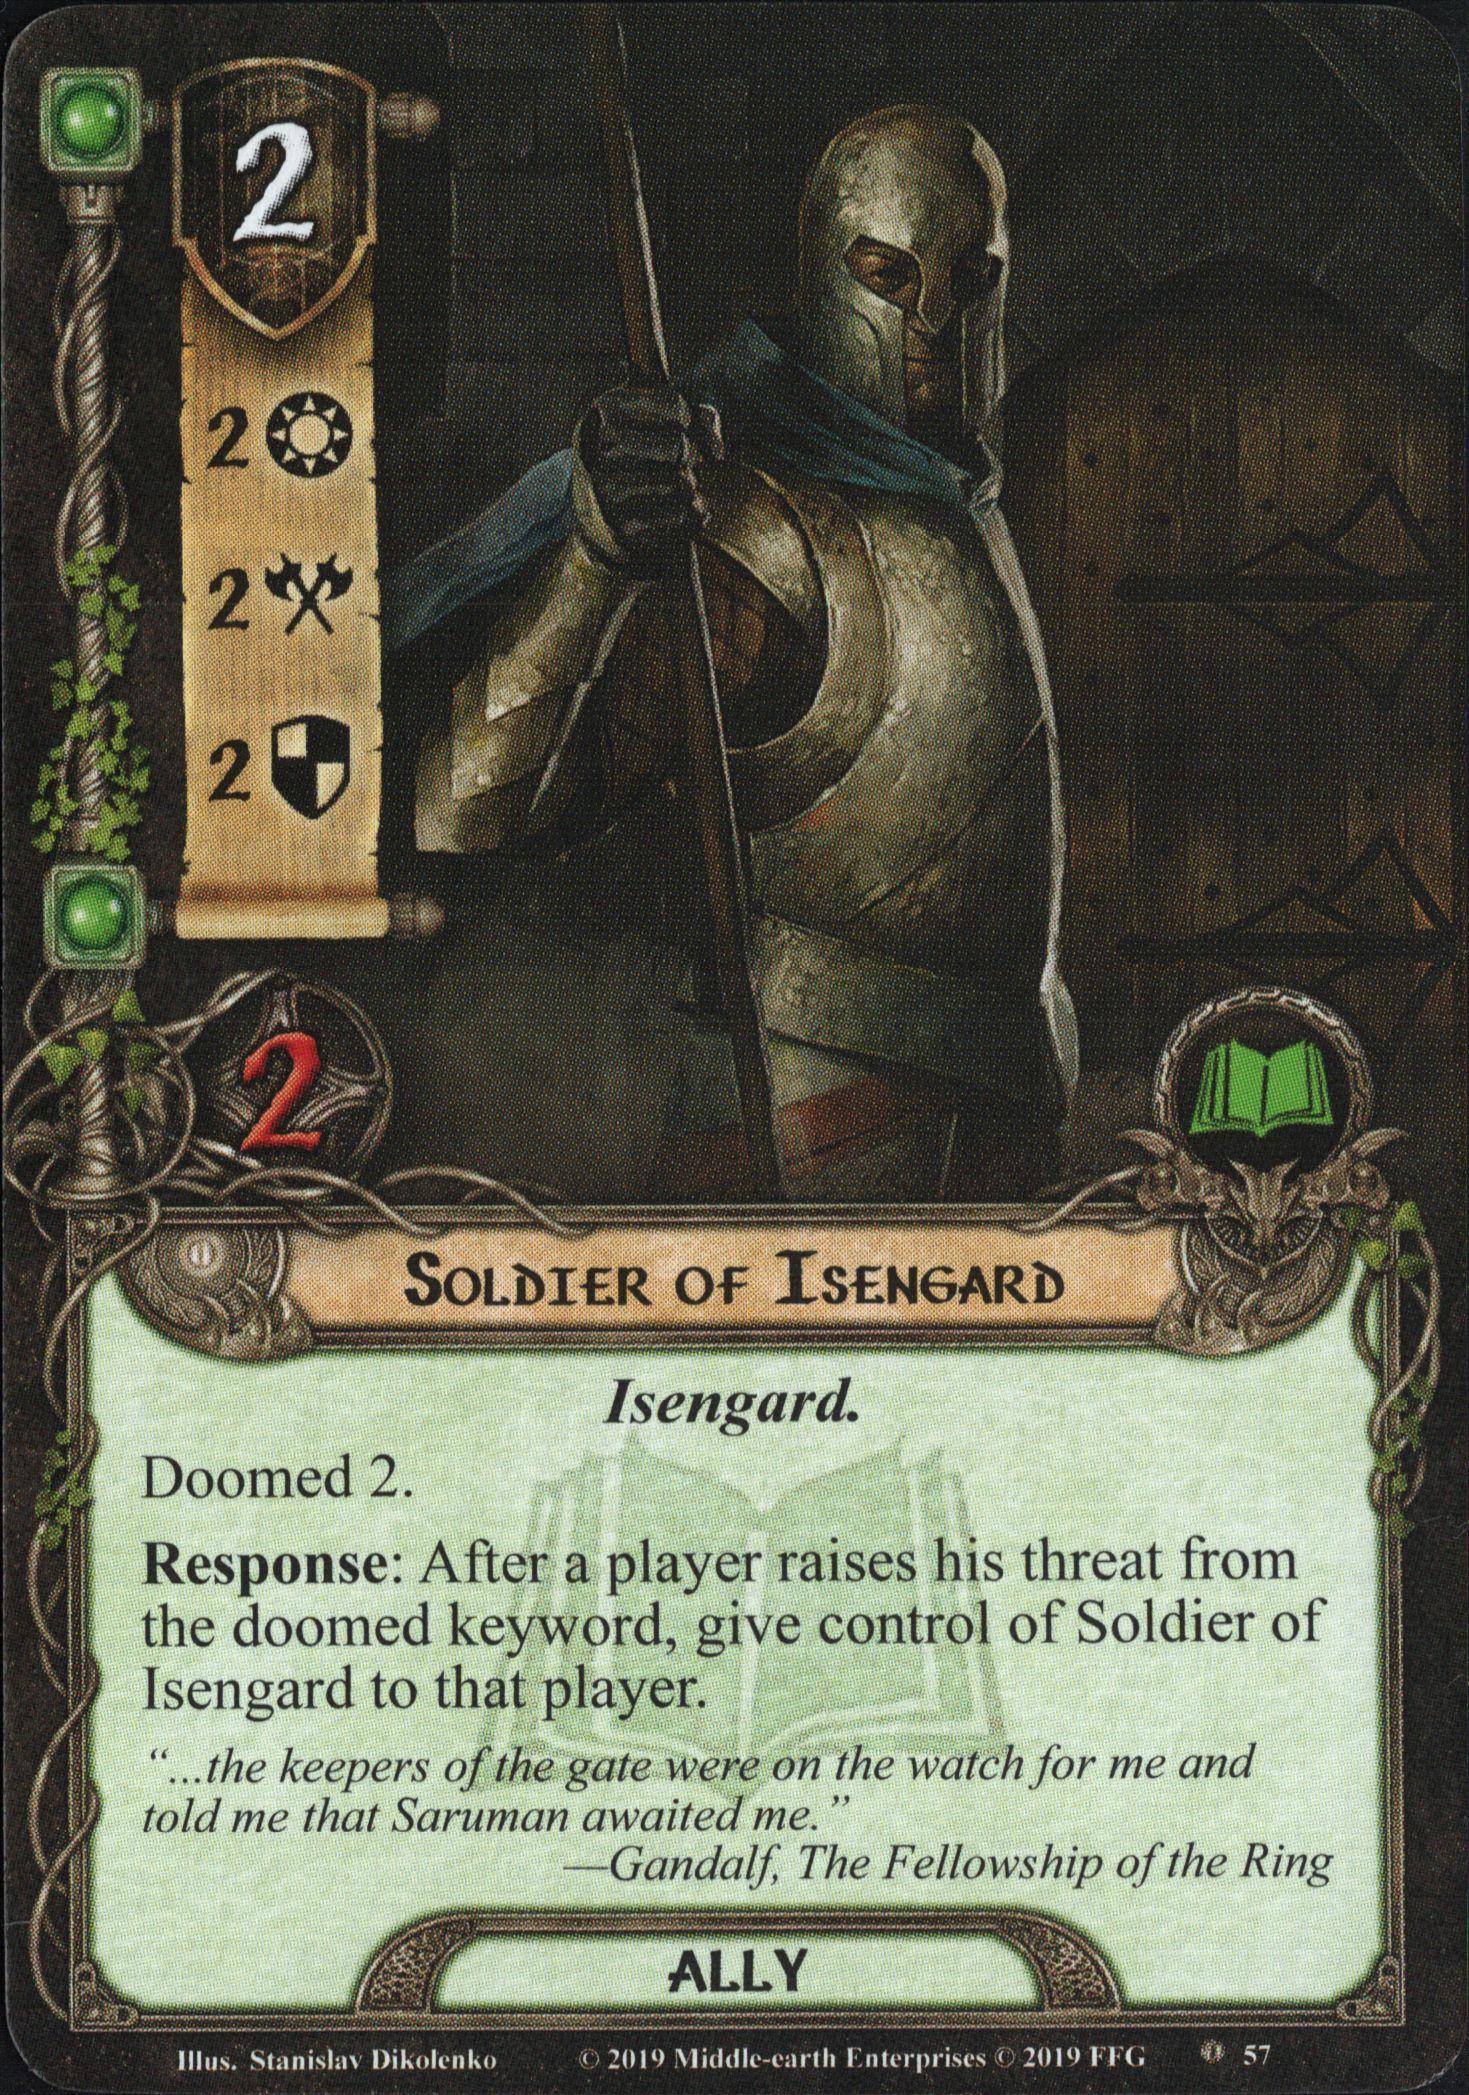 Galerie visuelle des cartes joueurs à venir Soldier-of-Isengard